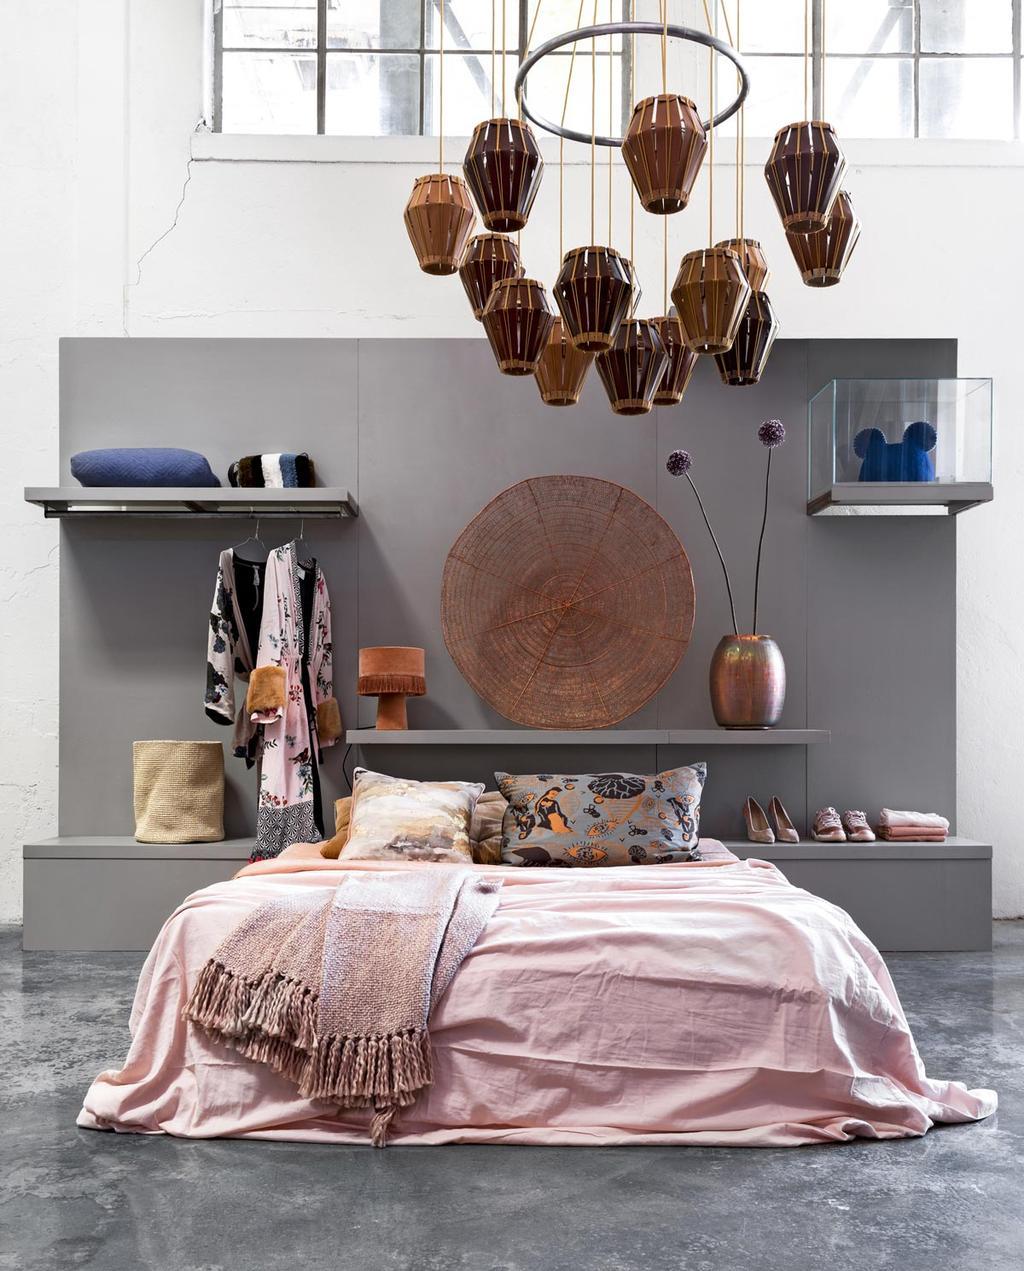 Een slaapkamer met een warm, roze dekbed en koperen accessoires.